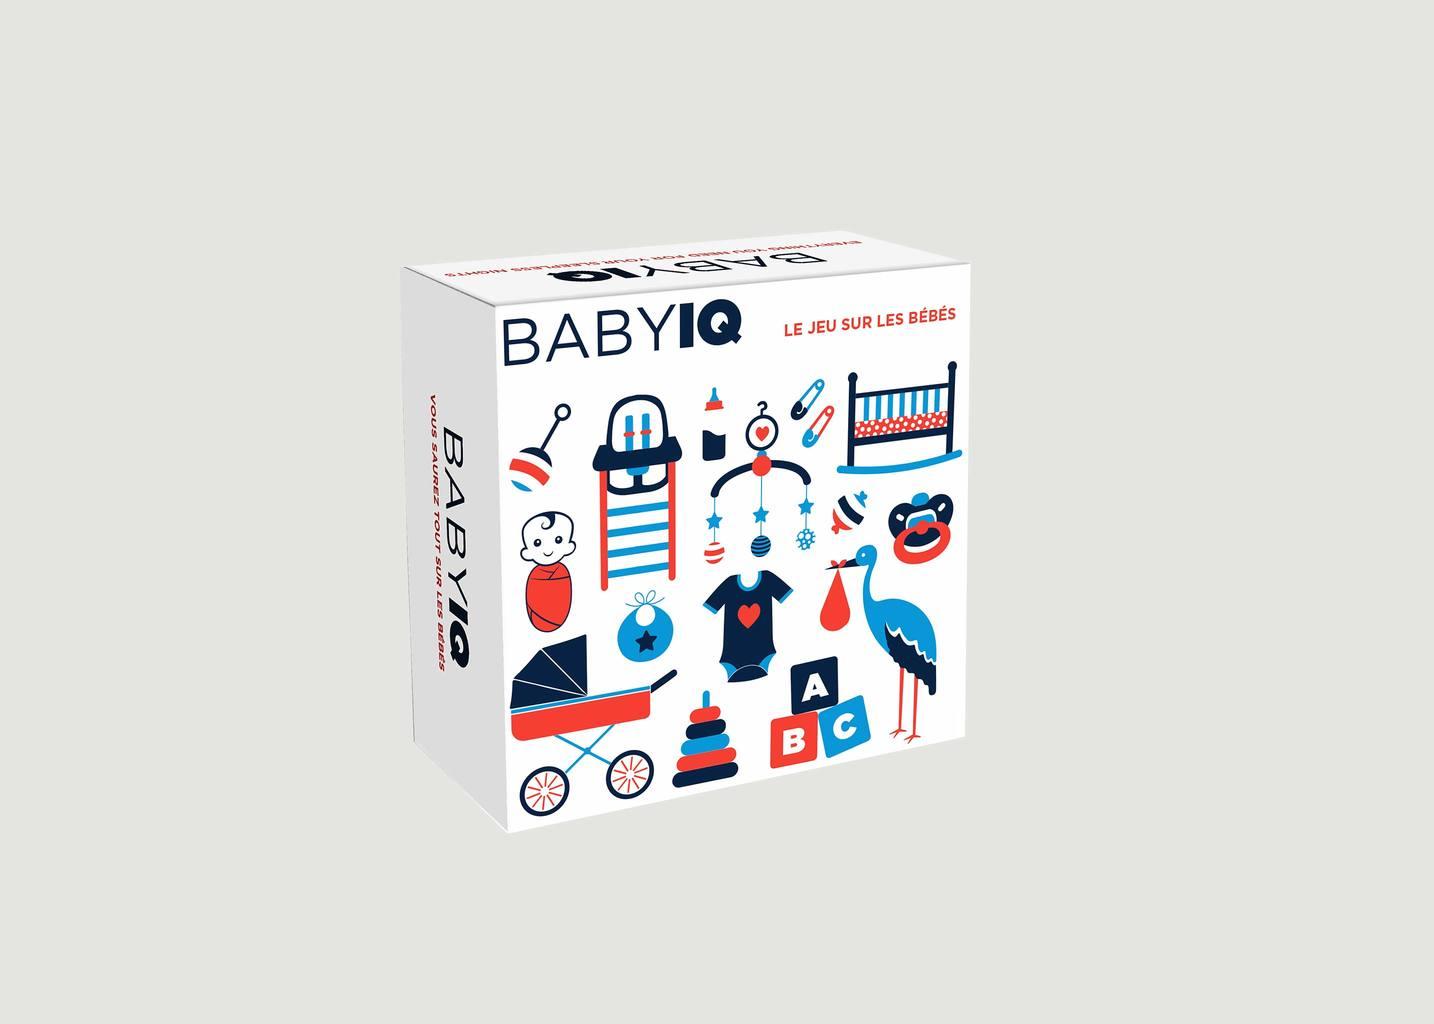 Jeu De Société Sur Les Bébés BabyIQ - Helvetiq